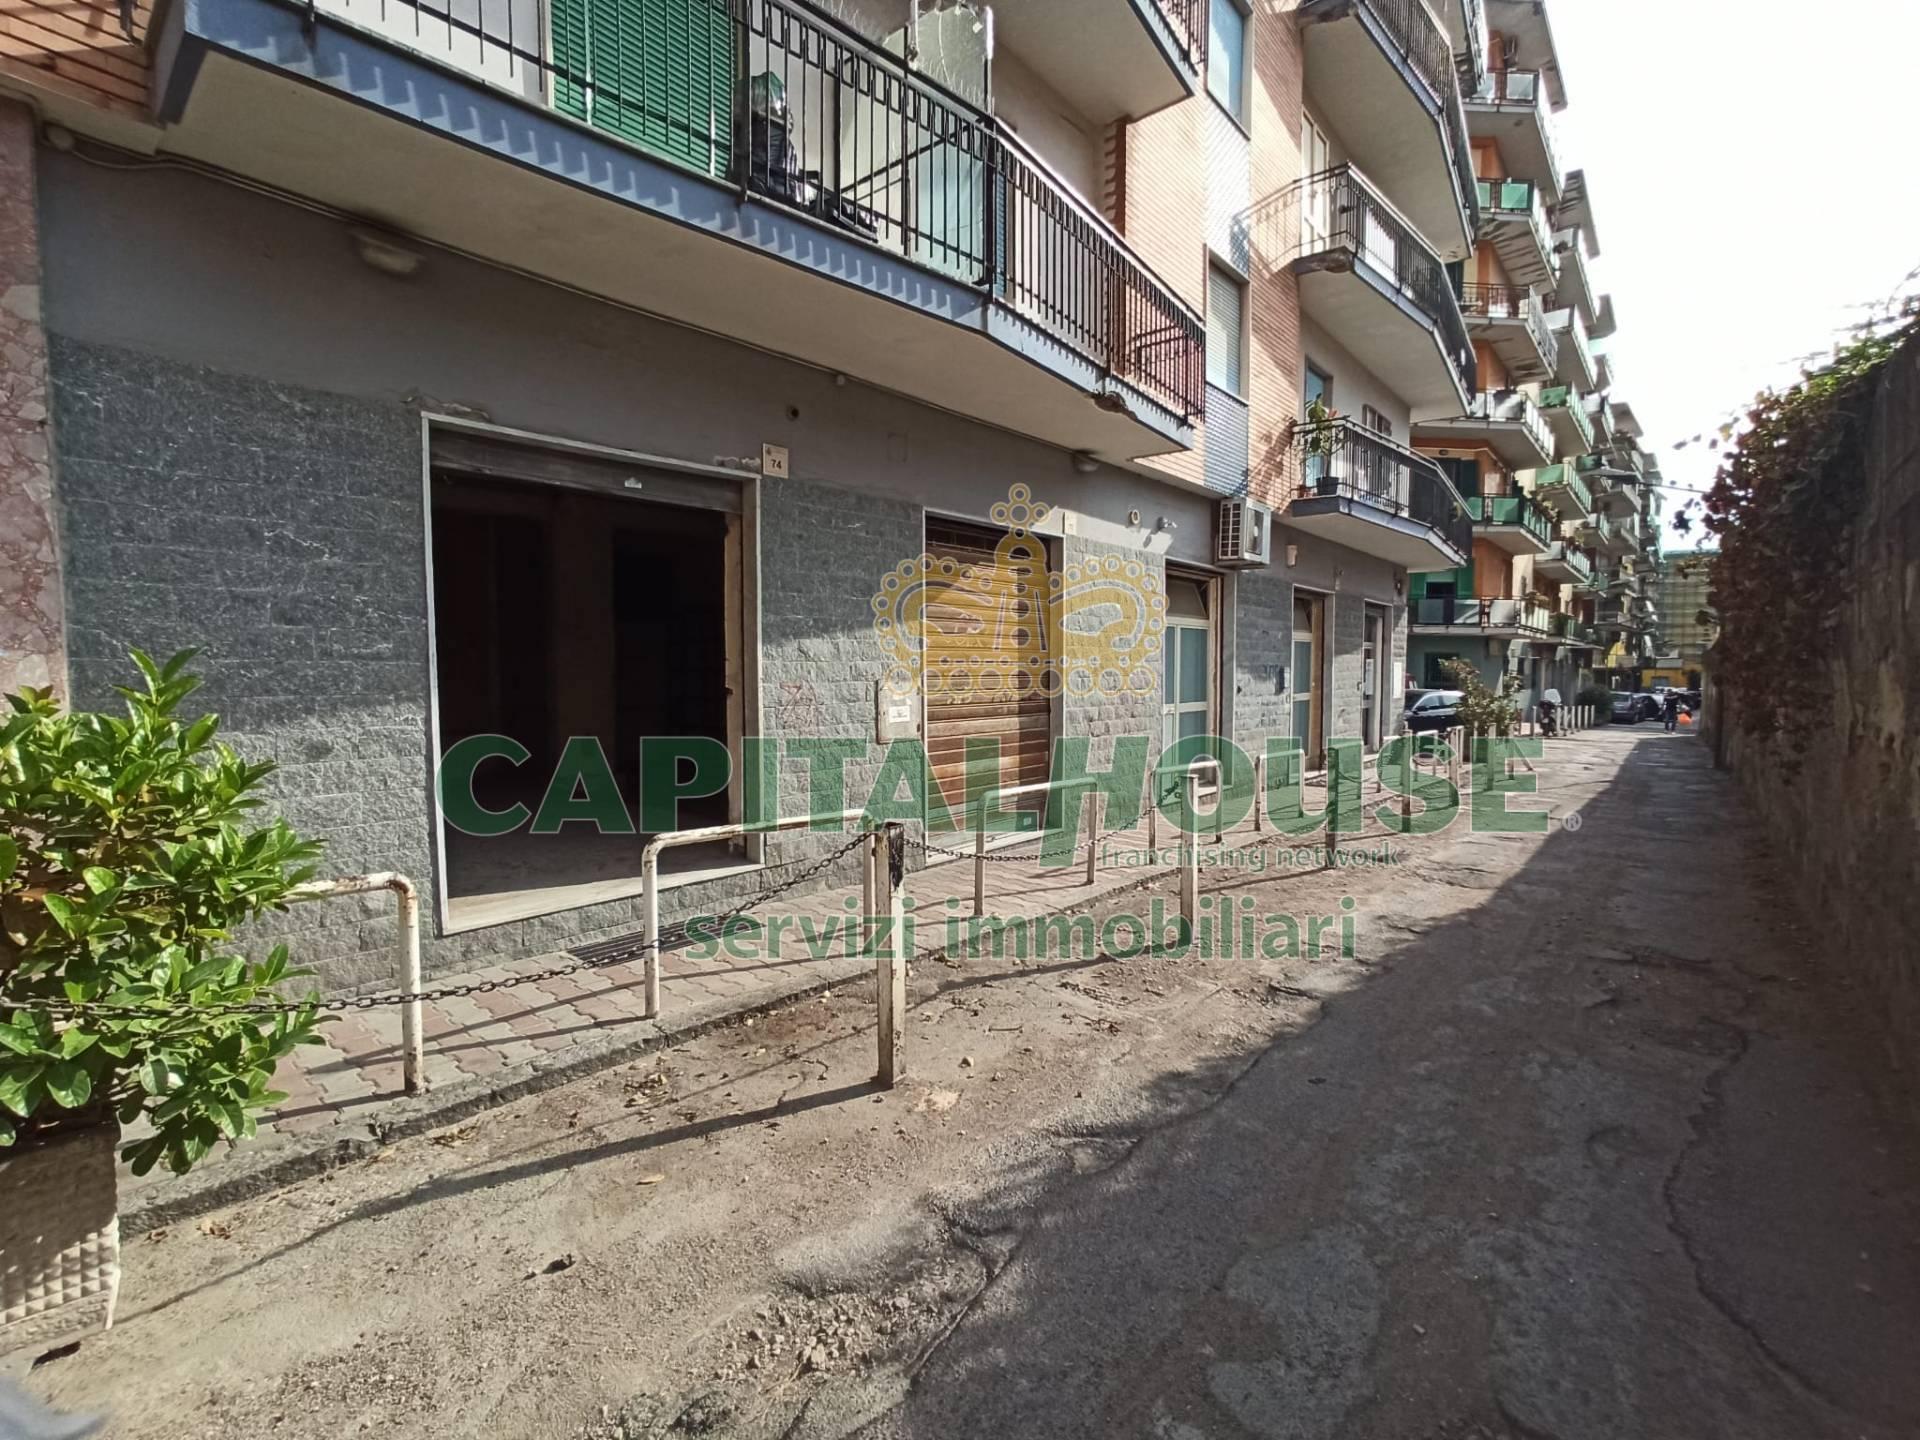 Negozio / Locale in affitto a San Giorgio a Cremano, 9999 locali, prezzo € 75.000   CambioCasa.it